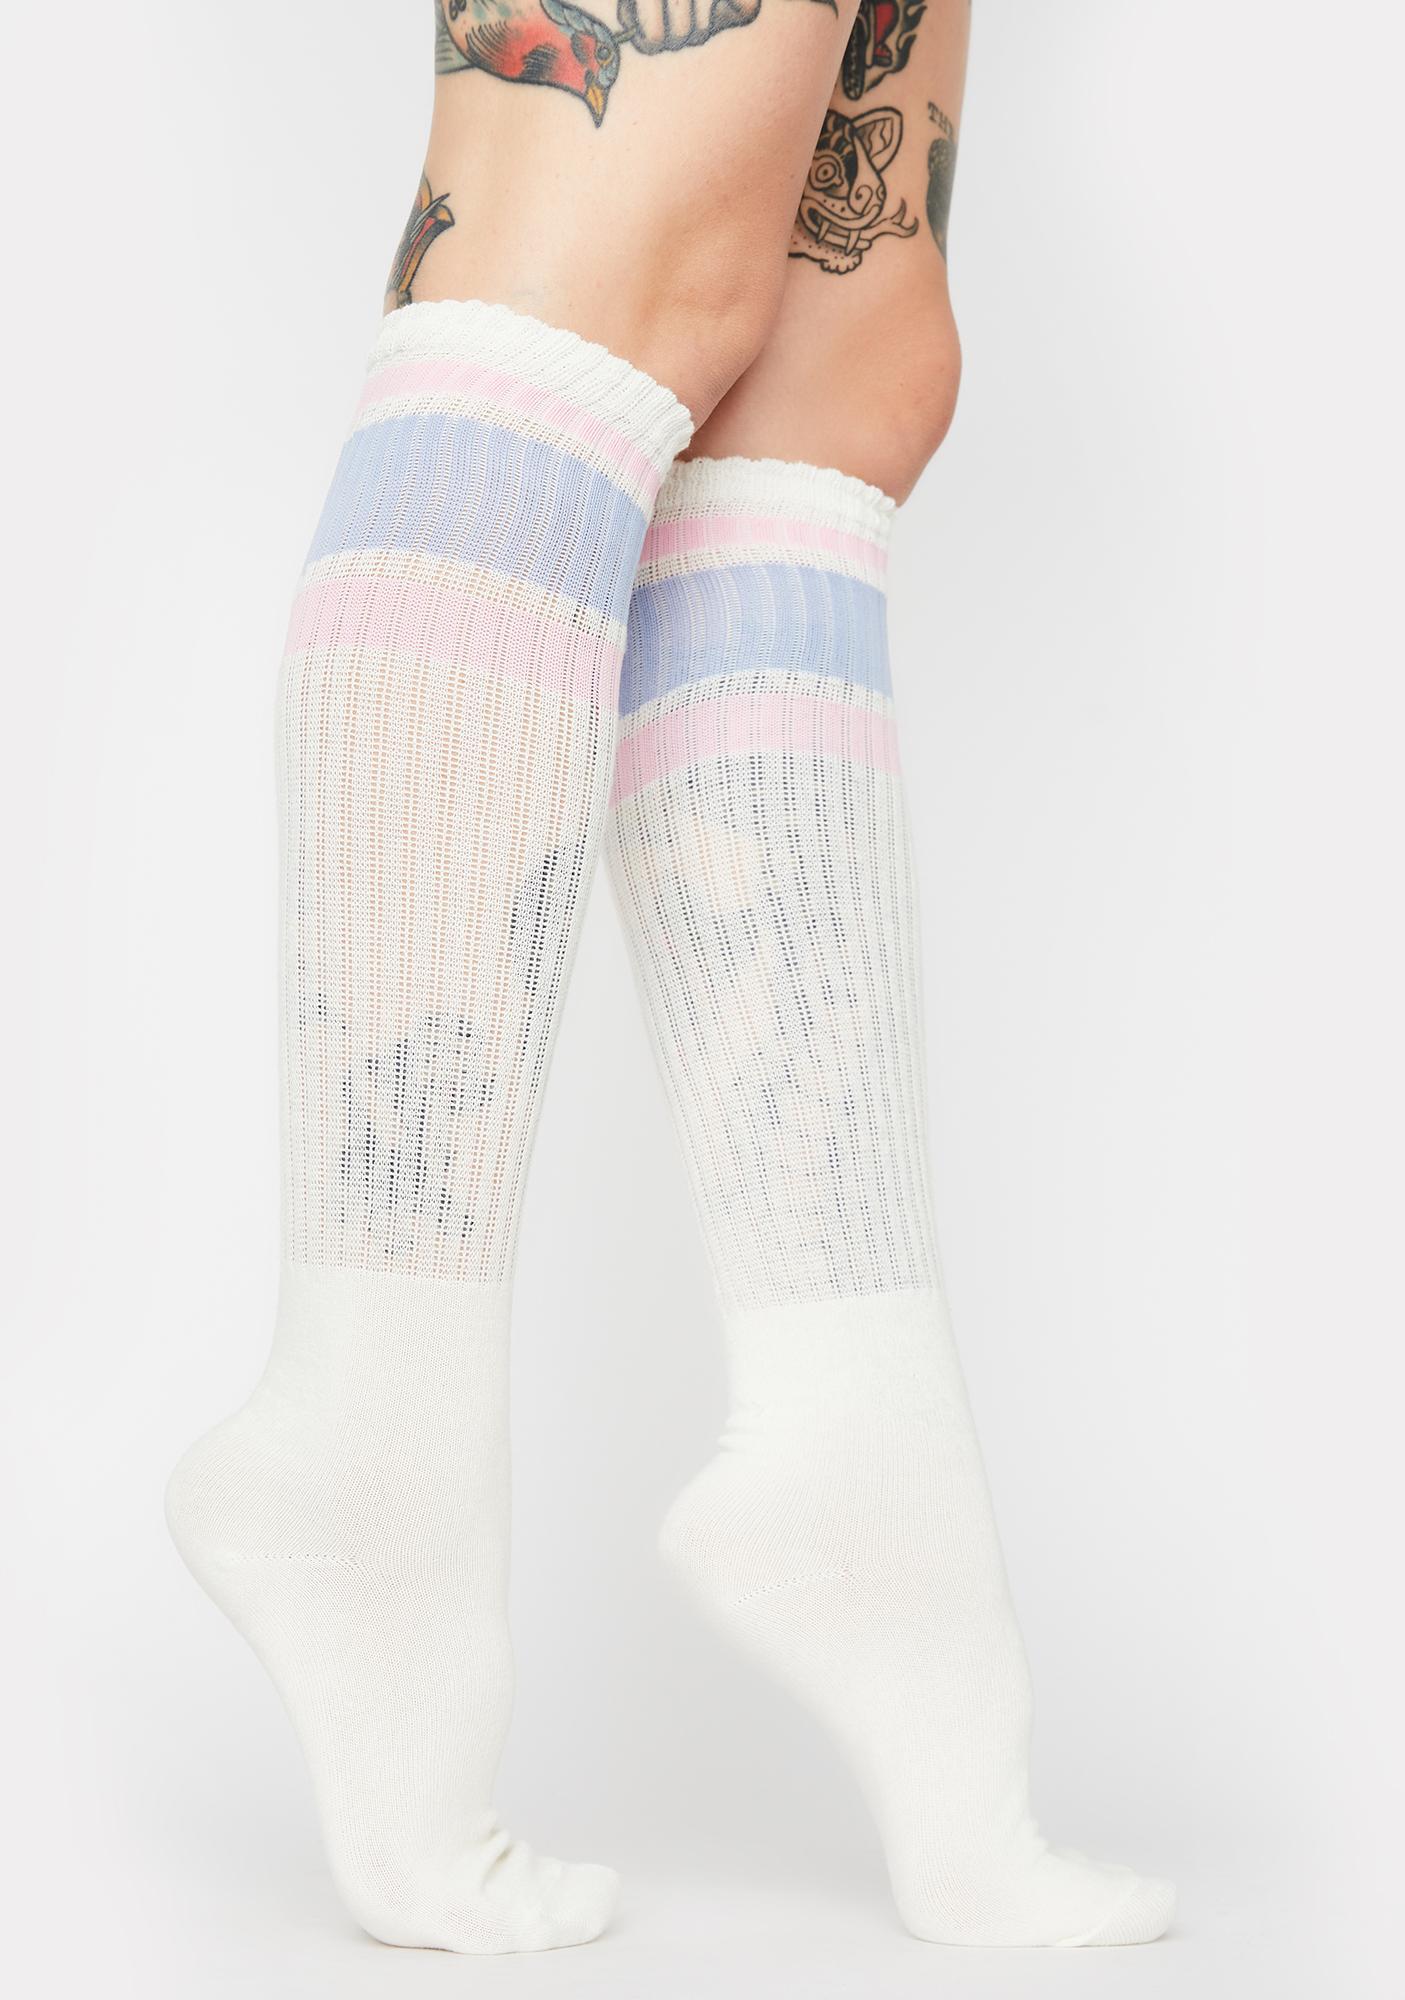 MeMoi Rib Over The Knee Socks